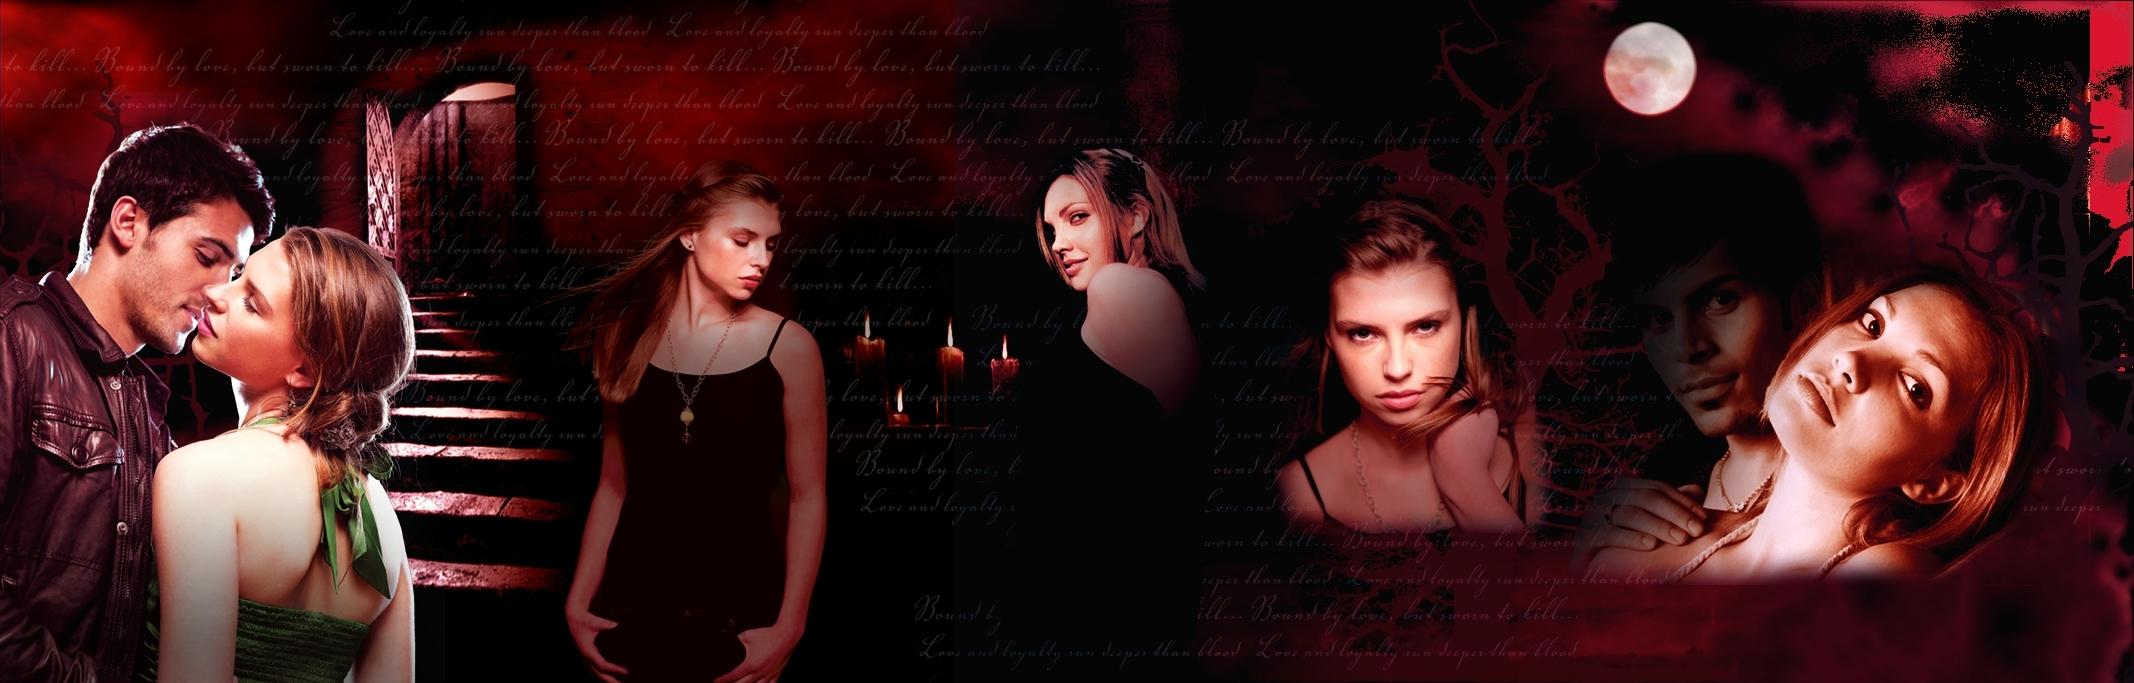 vampire acadimy